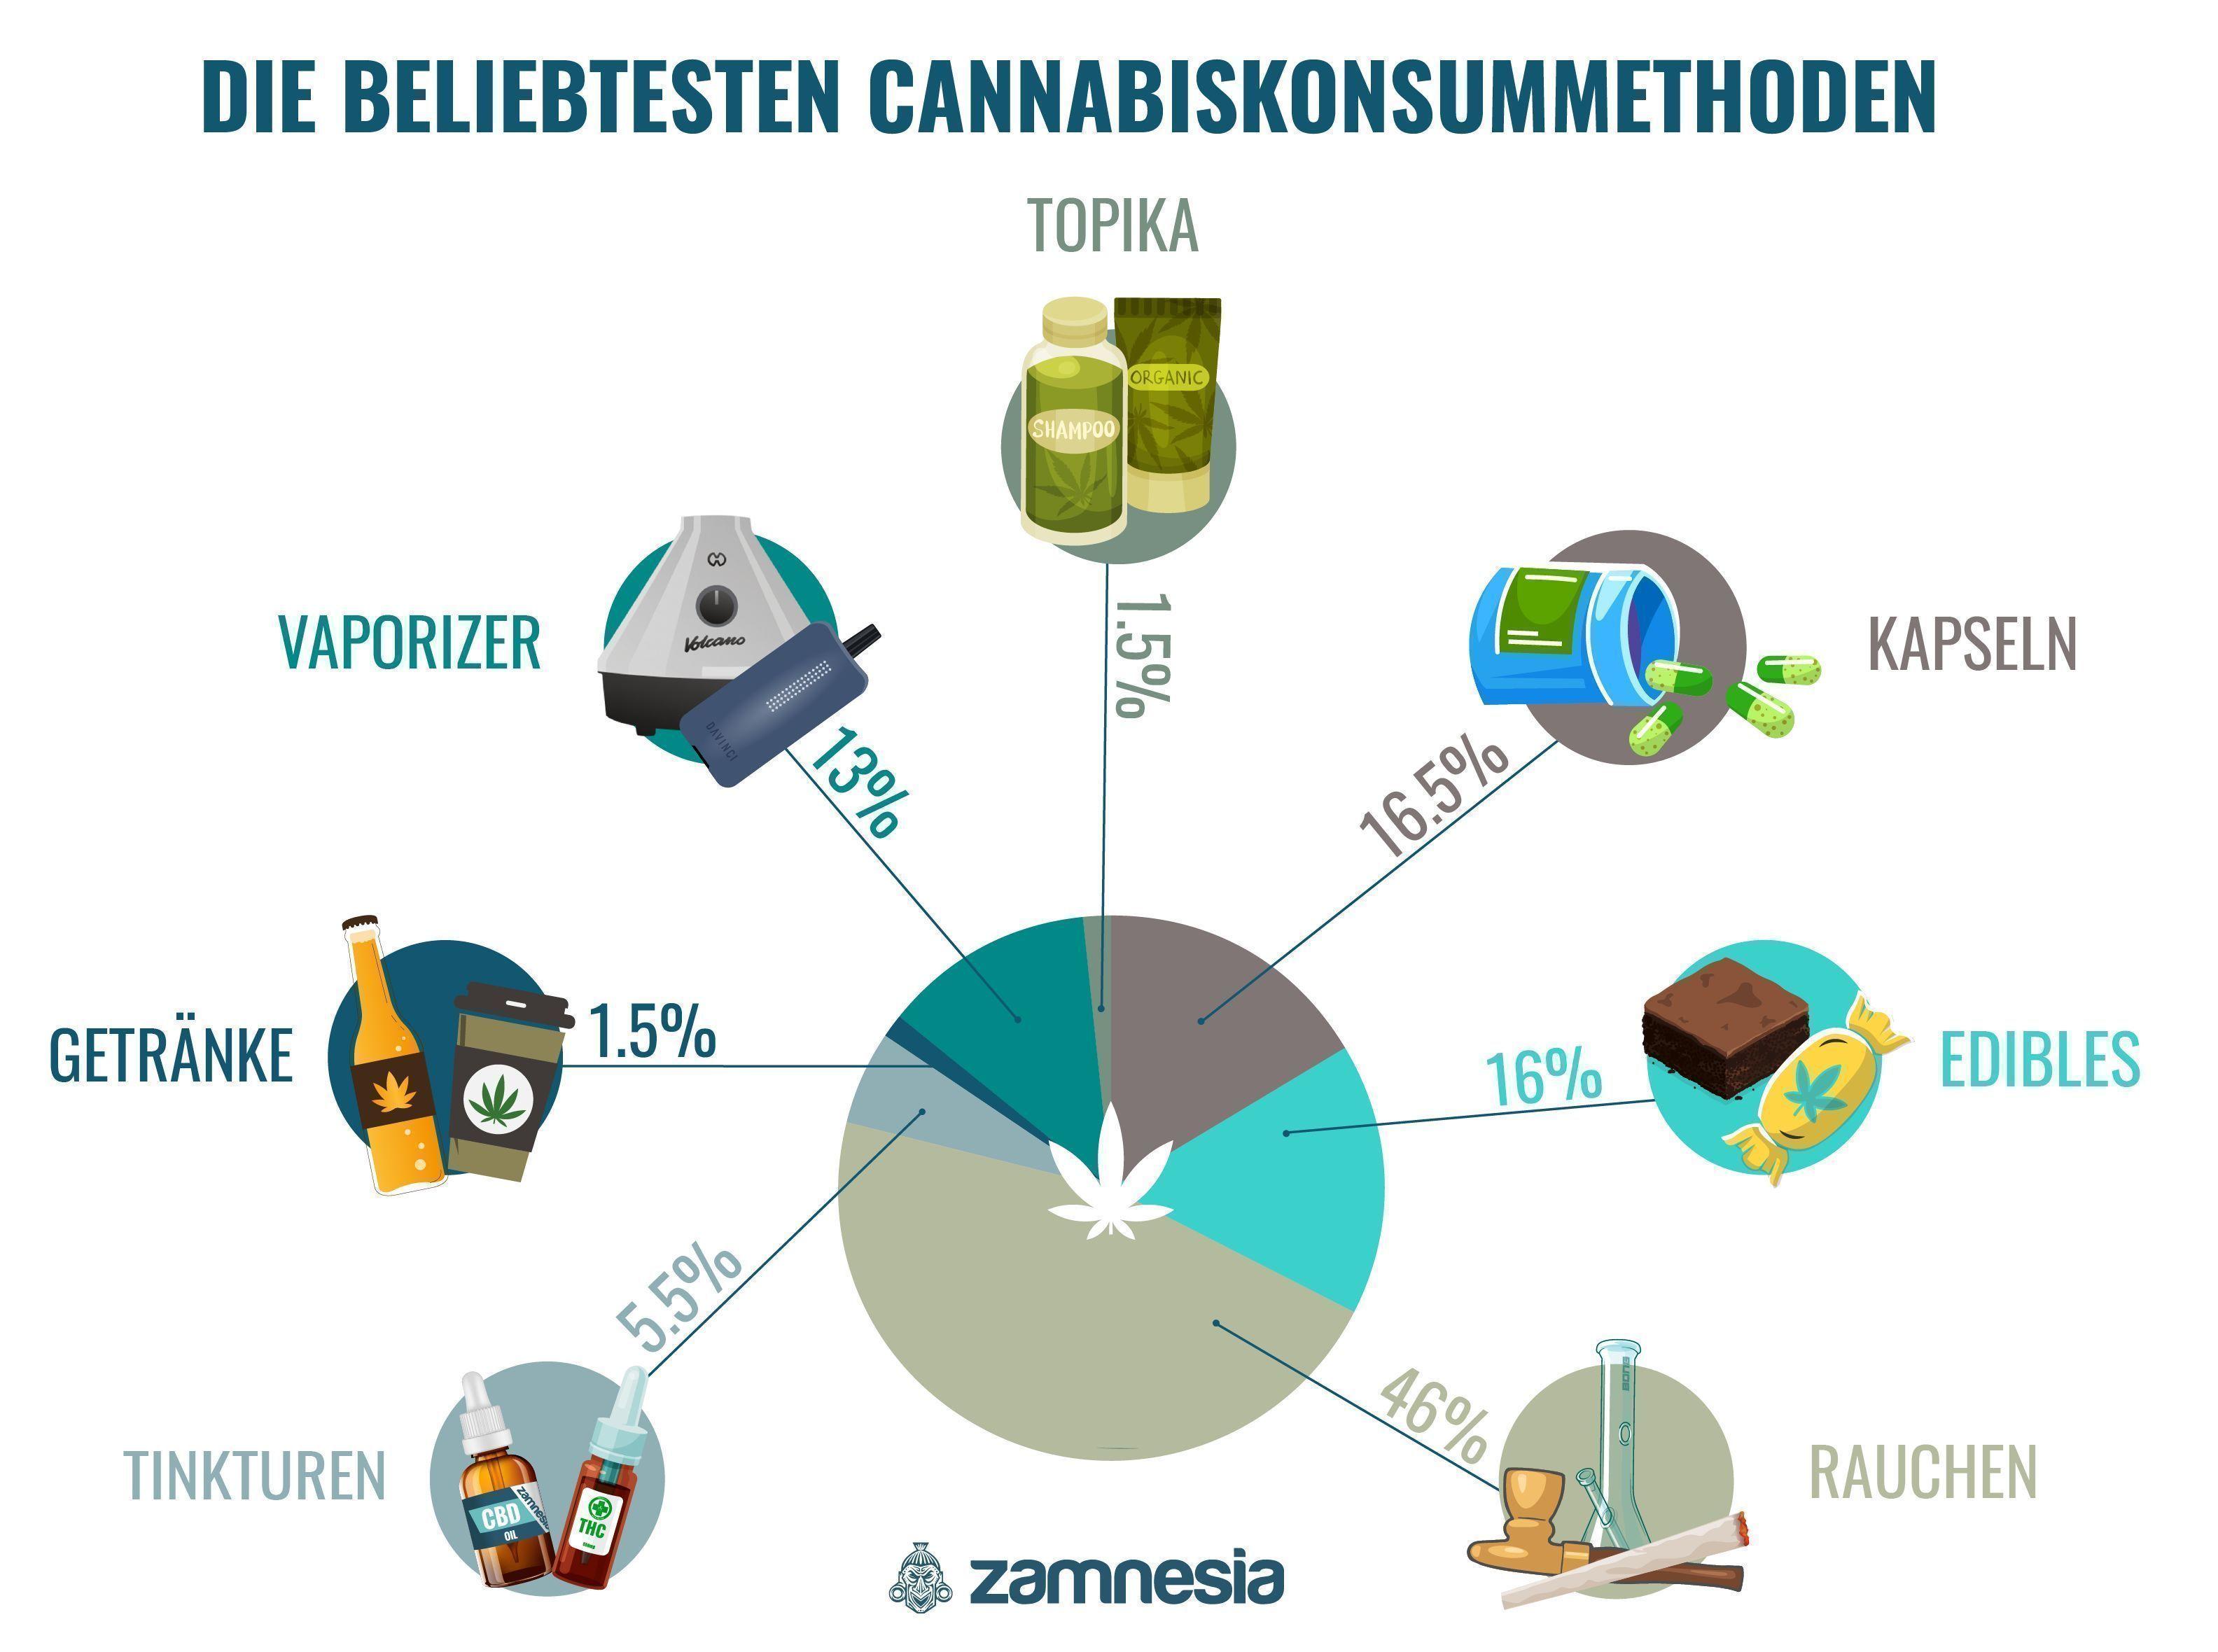 Die beliebtesten Möglichkeiten, Cannabis zu konsumieren Infographic